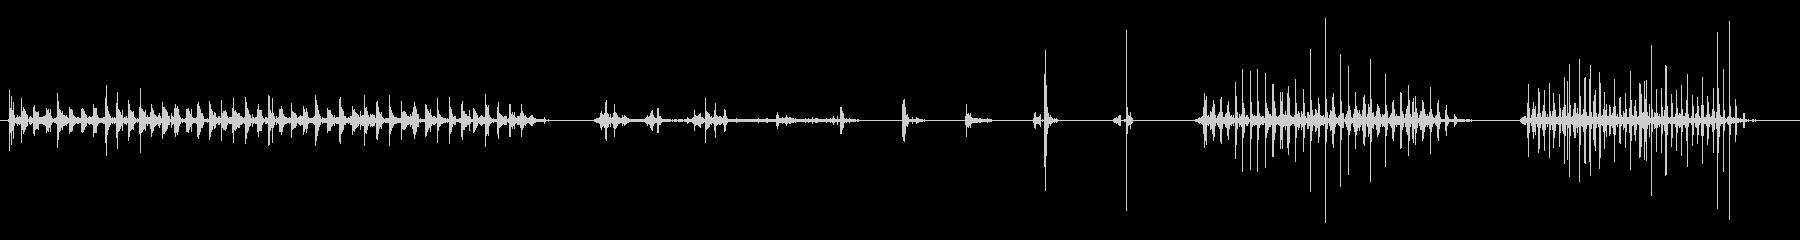 弓と矢0-15の未再生の波形